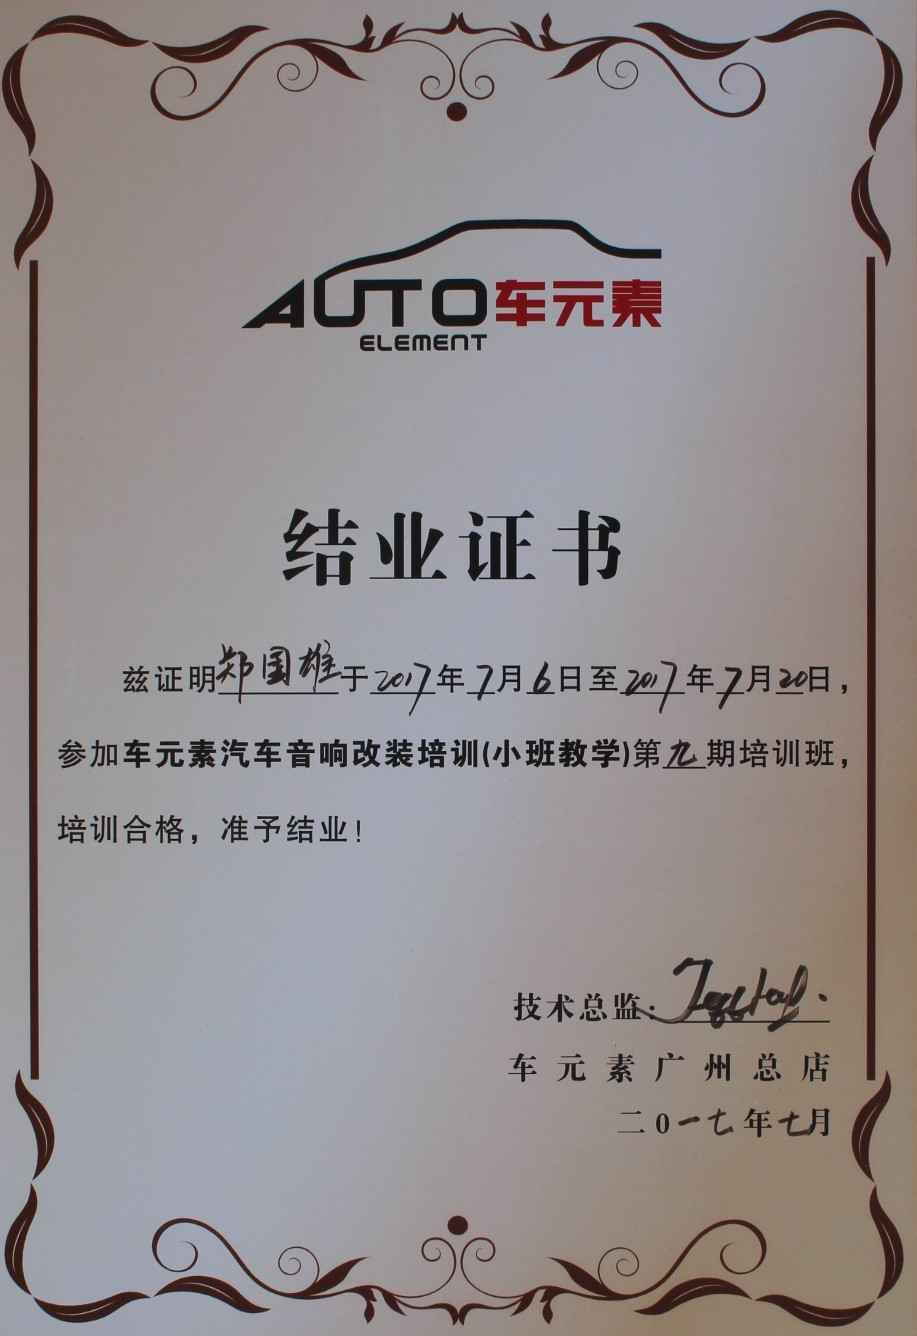 2016年郑国雄参加车元素汽车音响改装培训(小班教学)培训合格